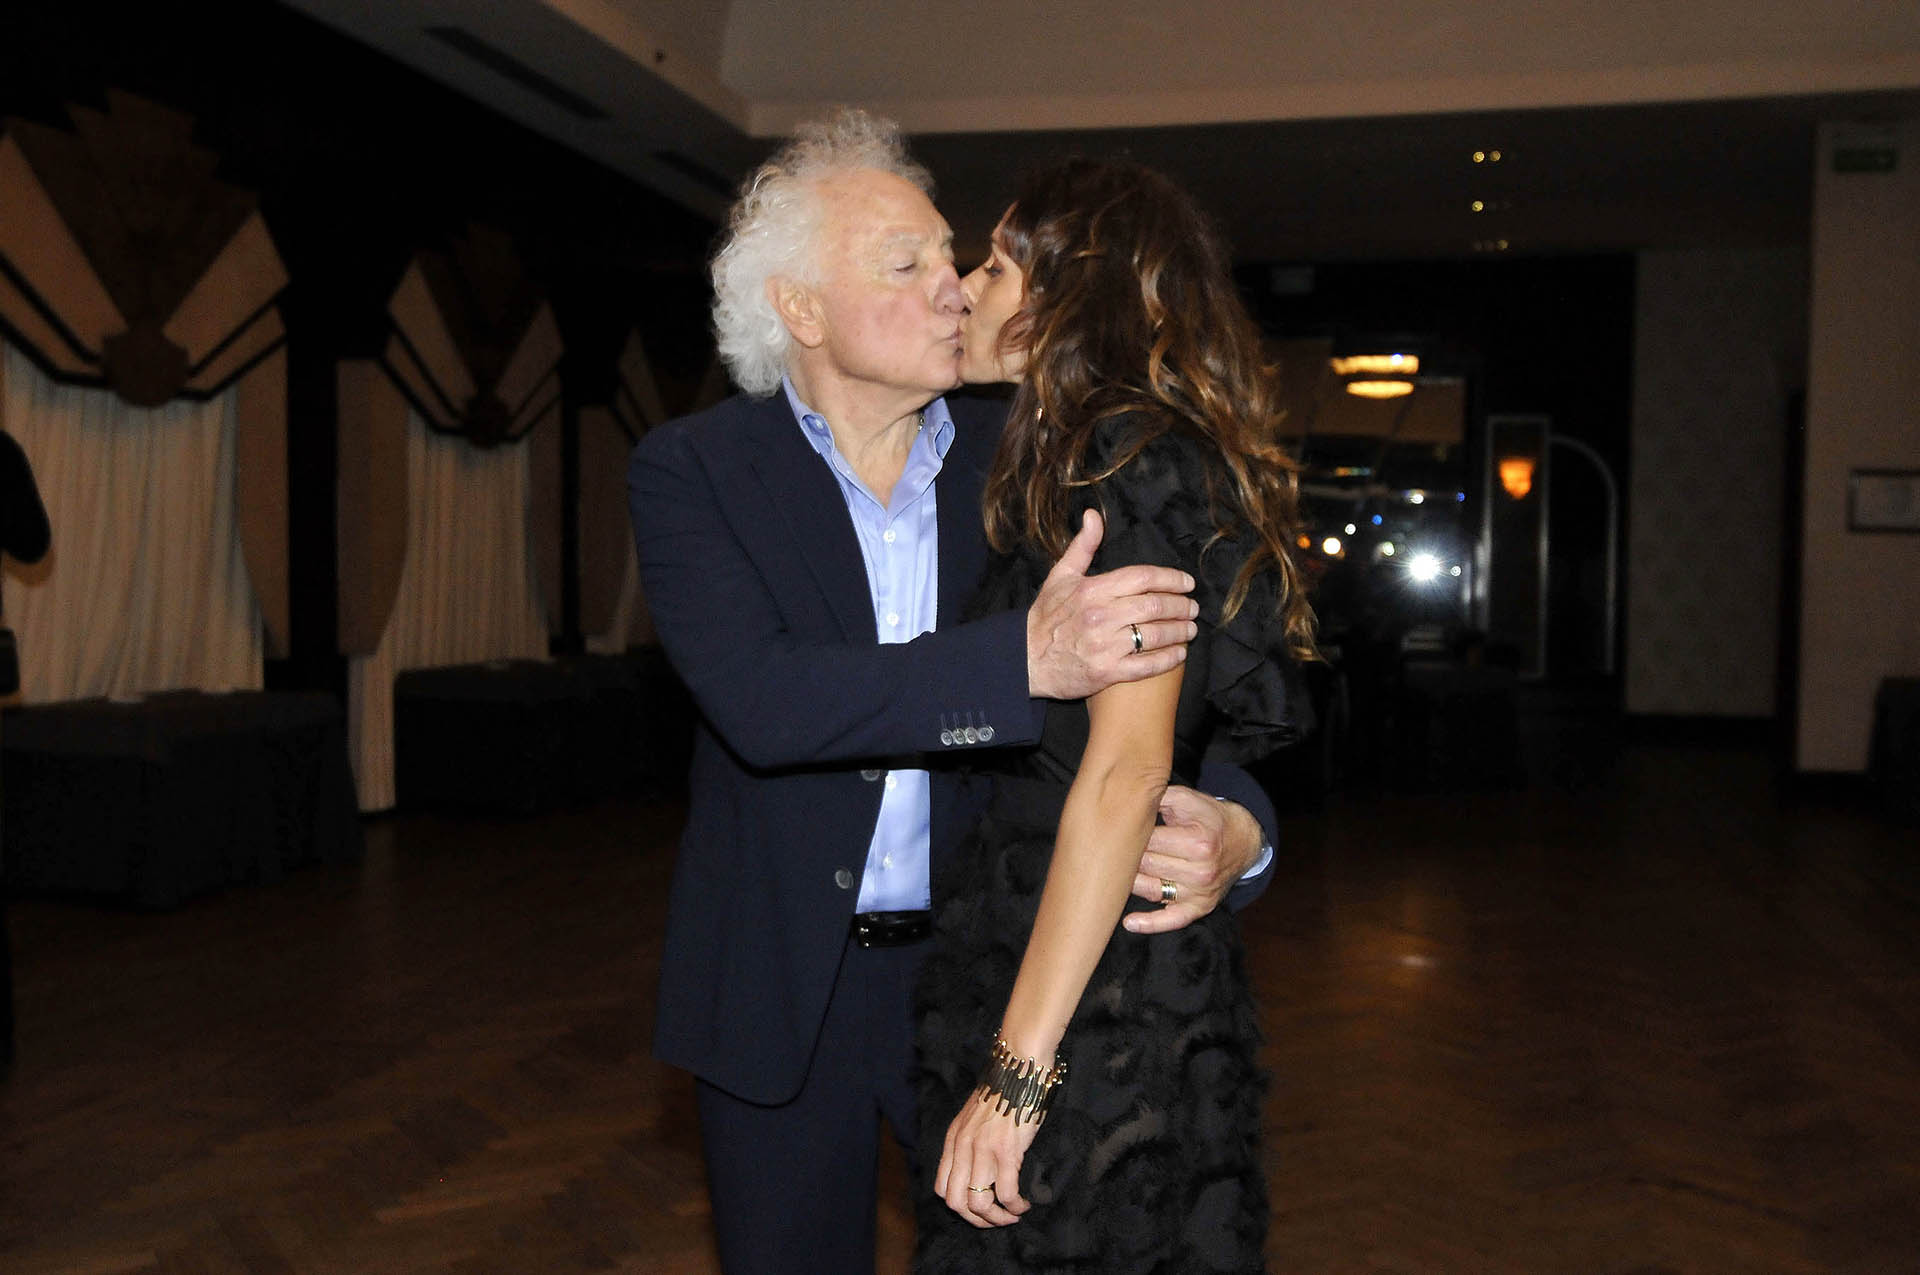 El beso de Guilermo y Corina,a pedido del fotógrafo de Teleshow; se casaron en abril de 2016